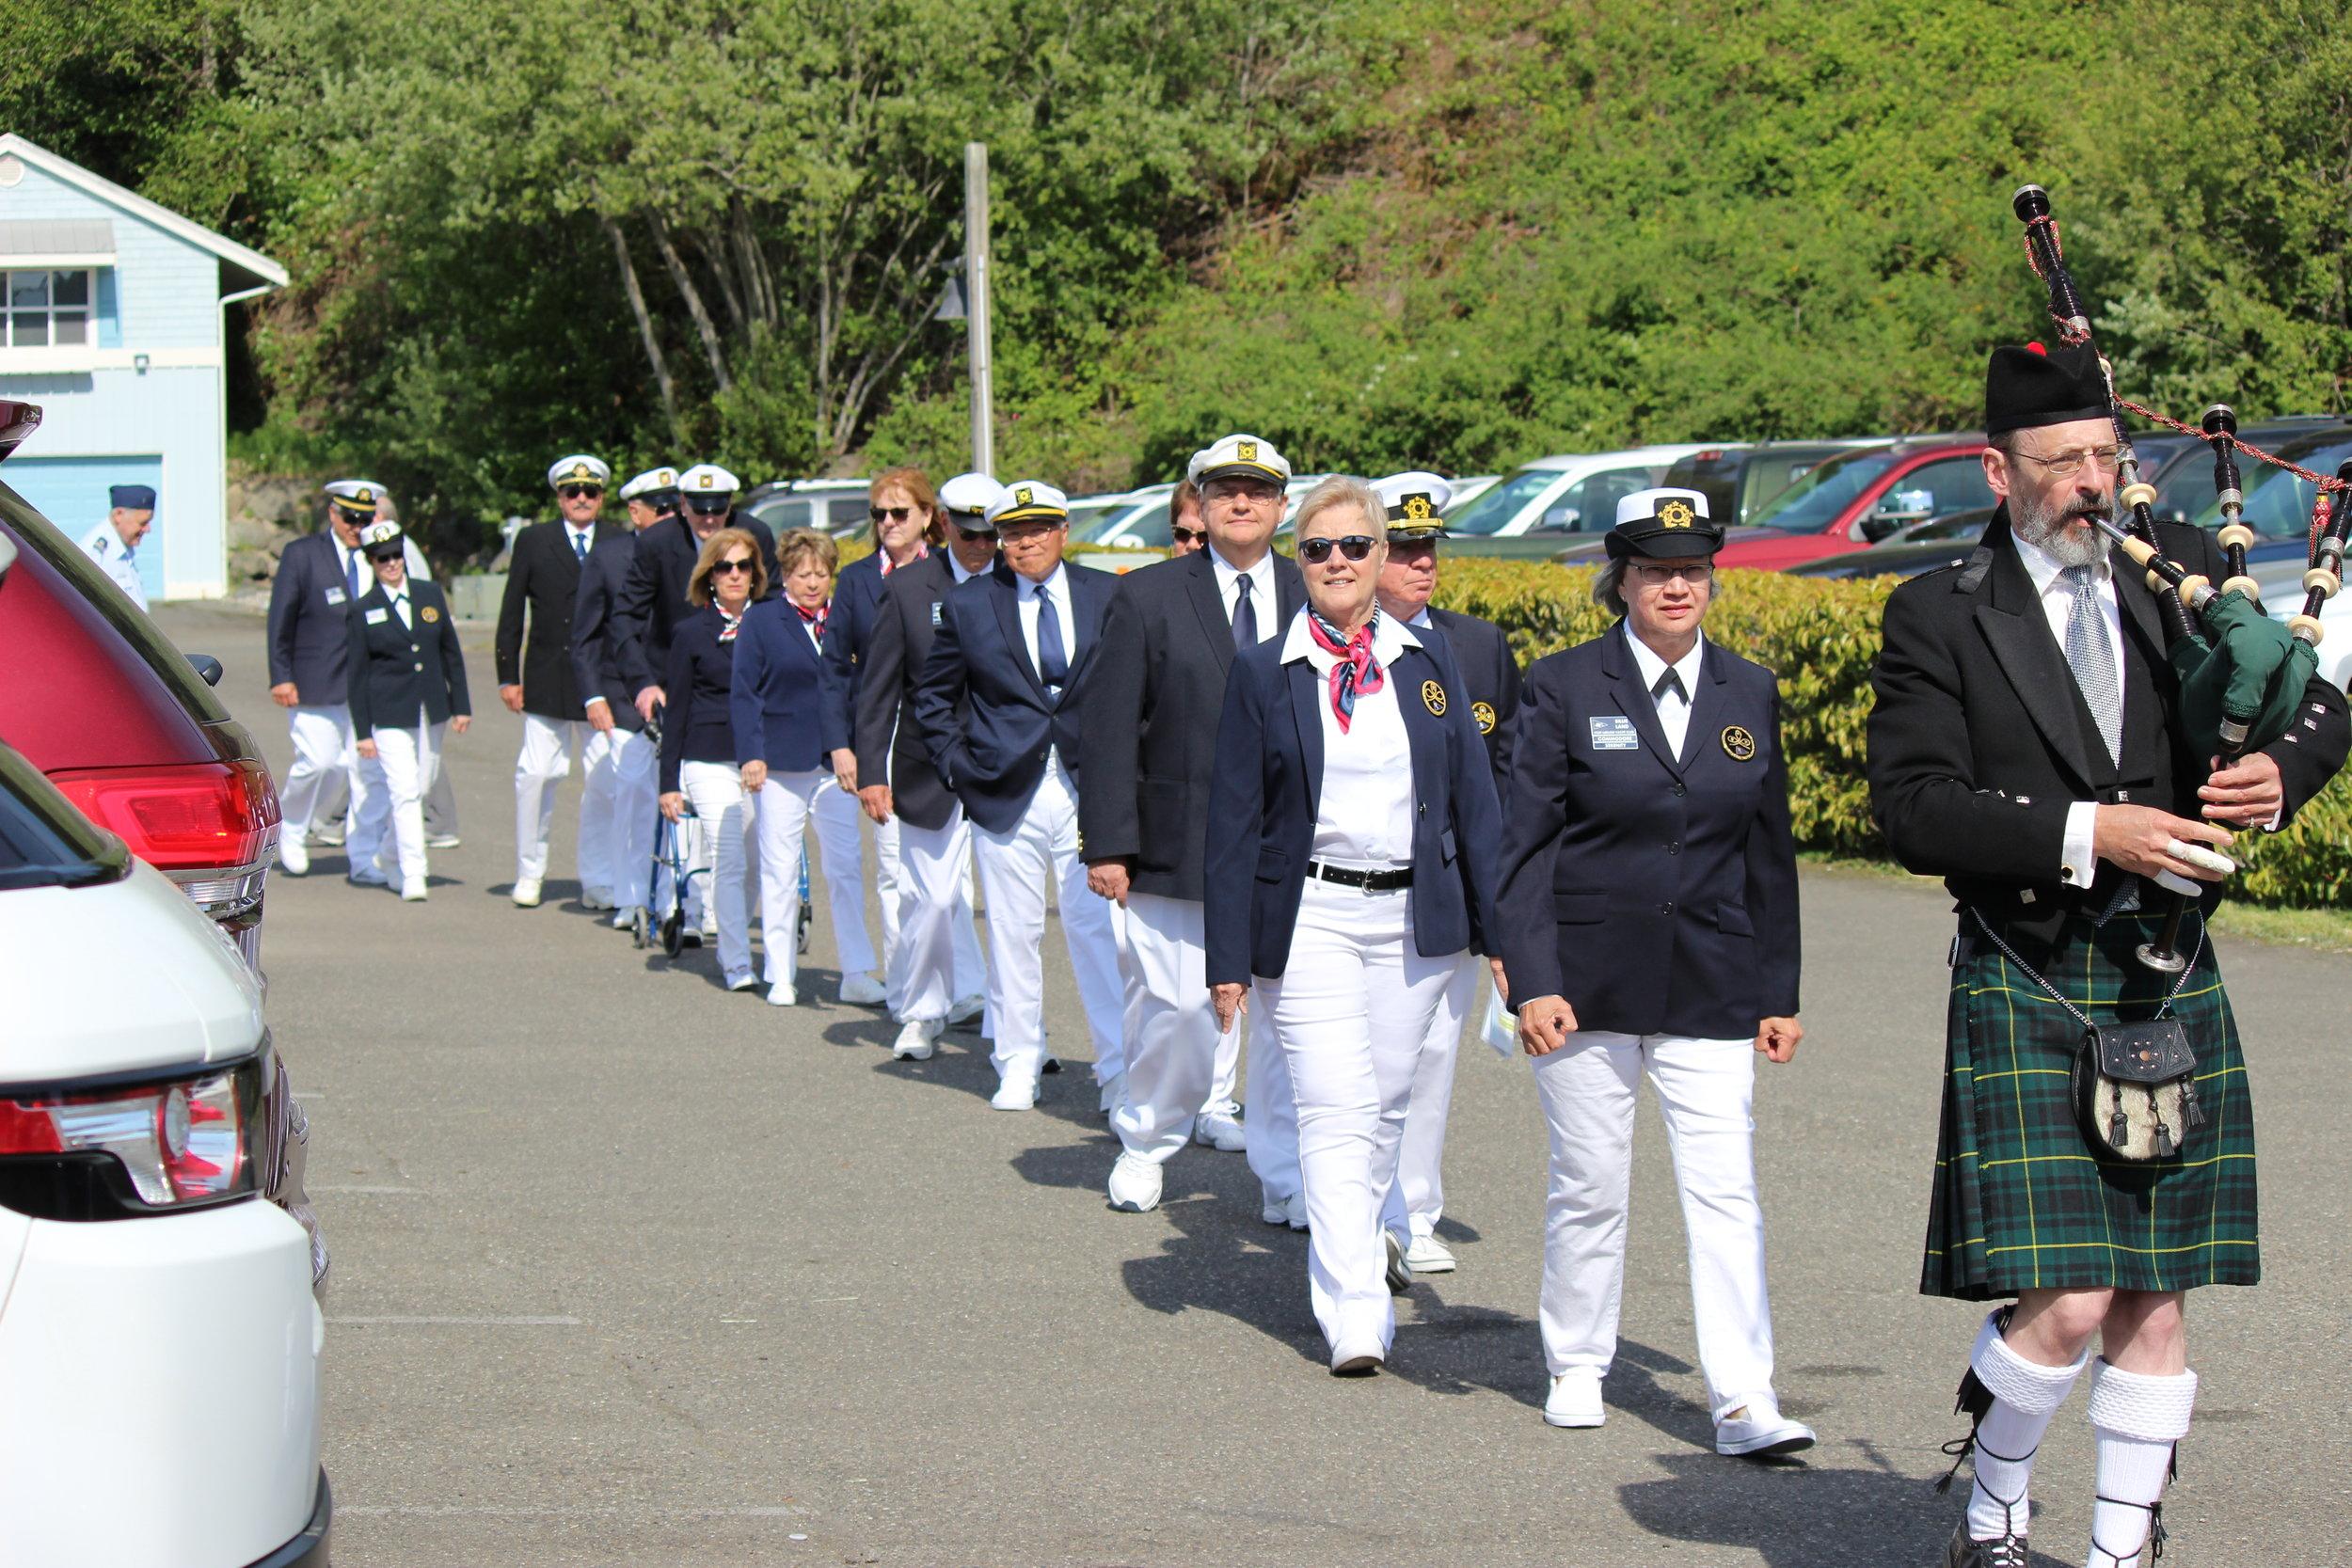 Officer Line upIMG_2735.jpg